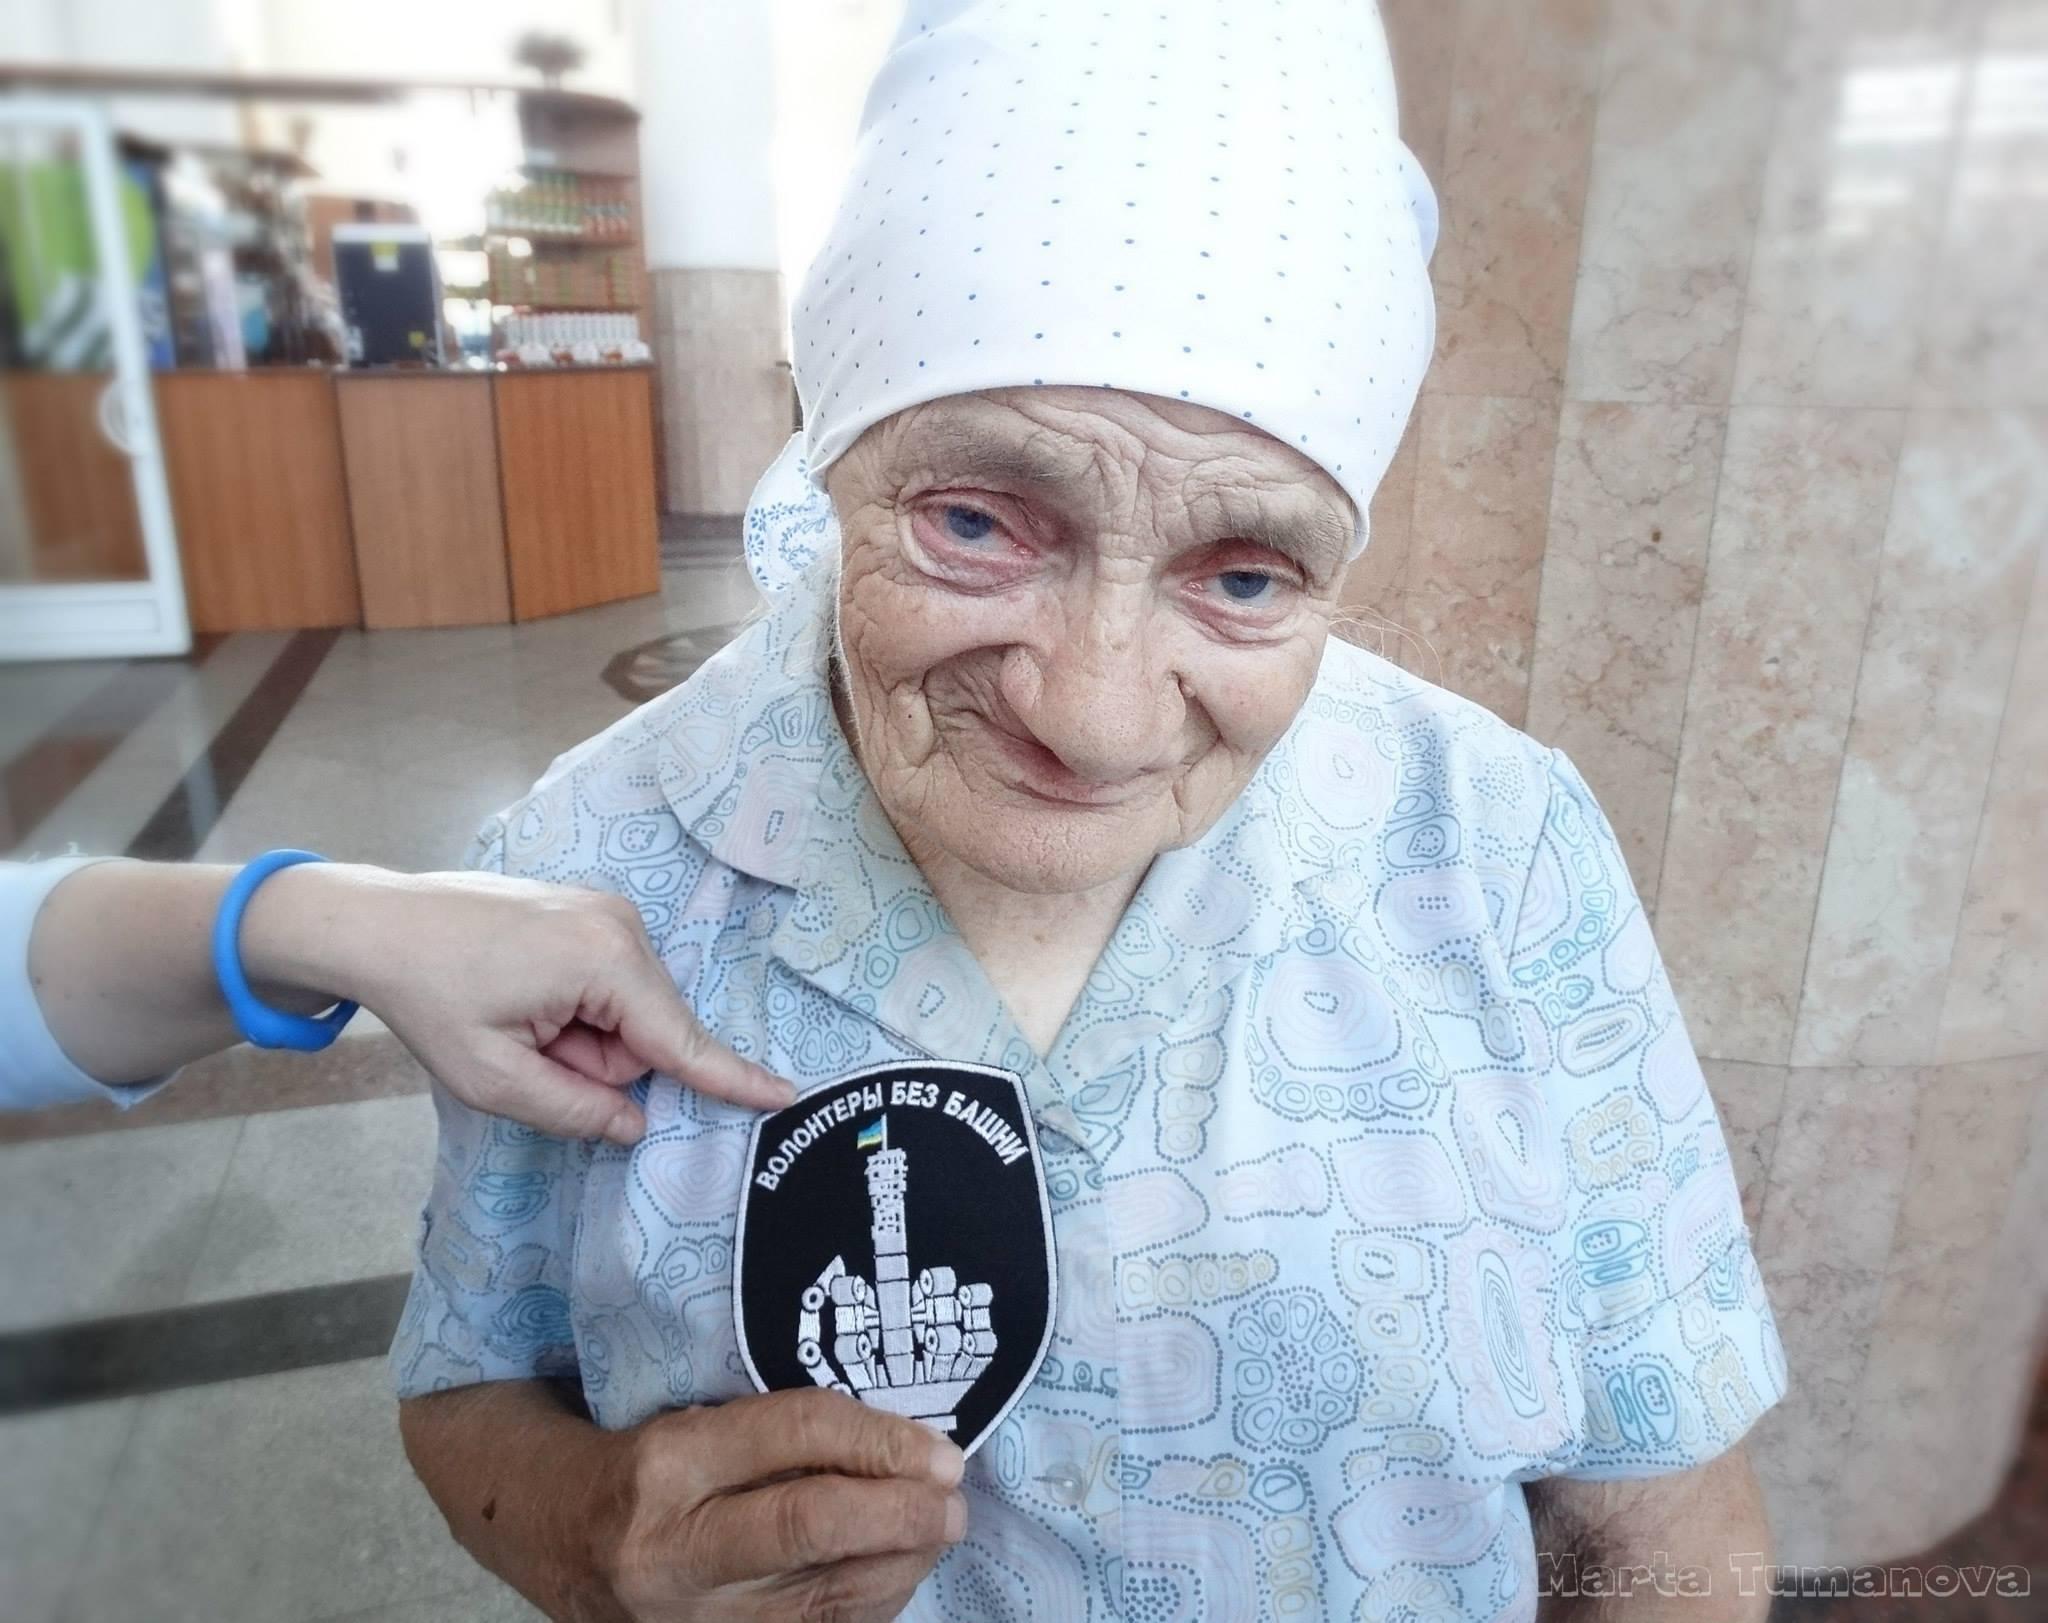 Пішла з життя найстаріша в Україні волонтерка – Людмила Савченко